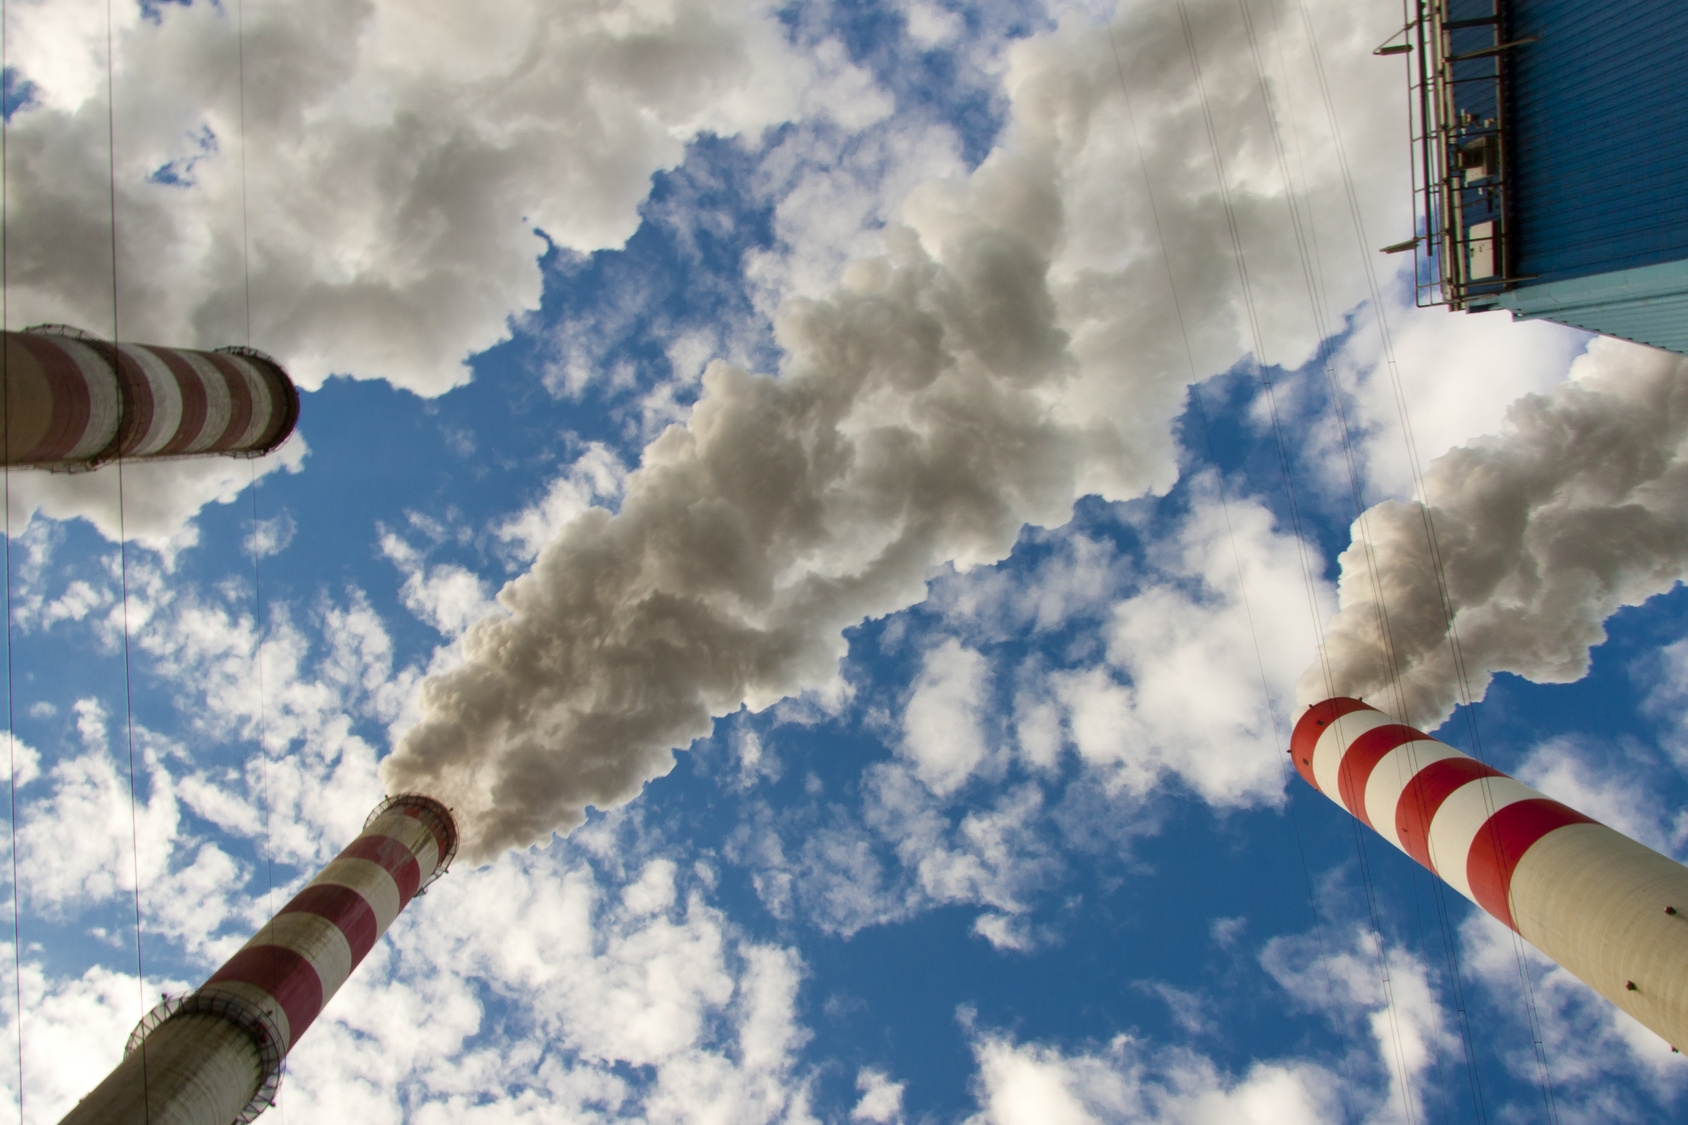 İstanbul / Tekirdağ'a termik santral için acele kamulaştırma yayımlandı!